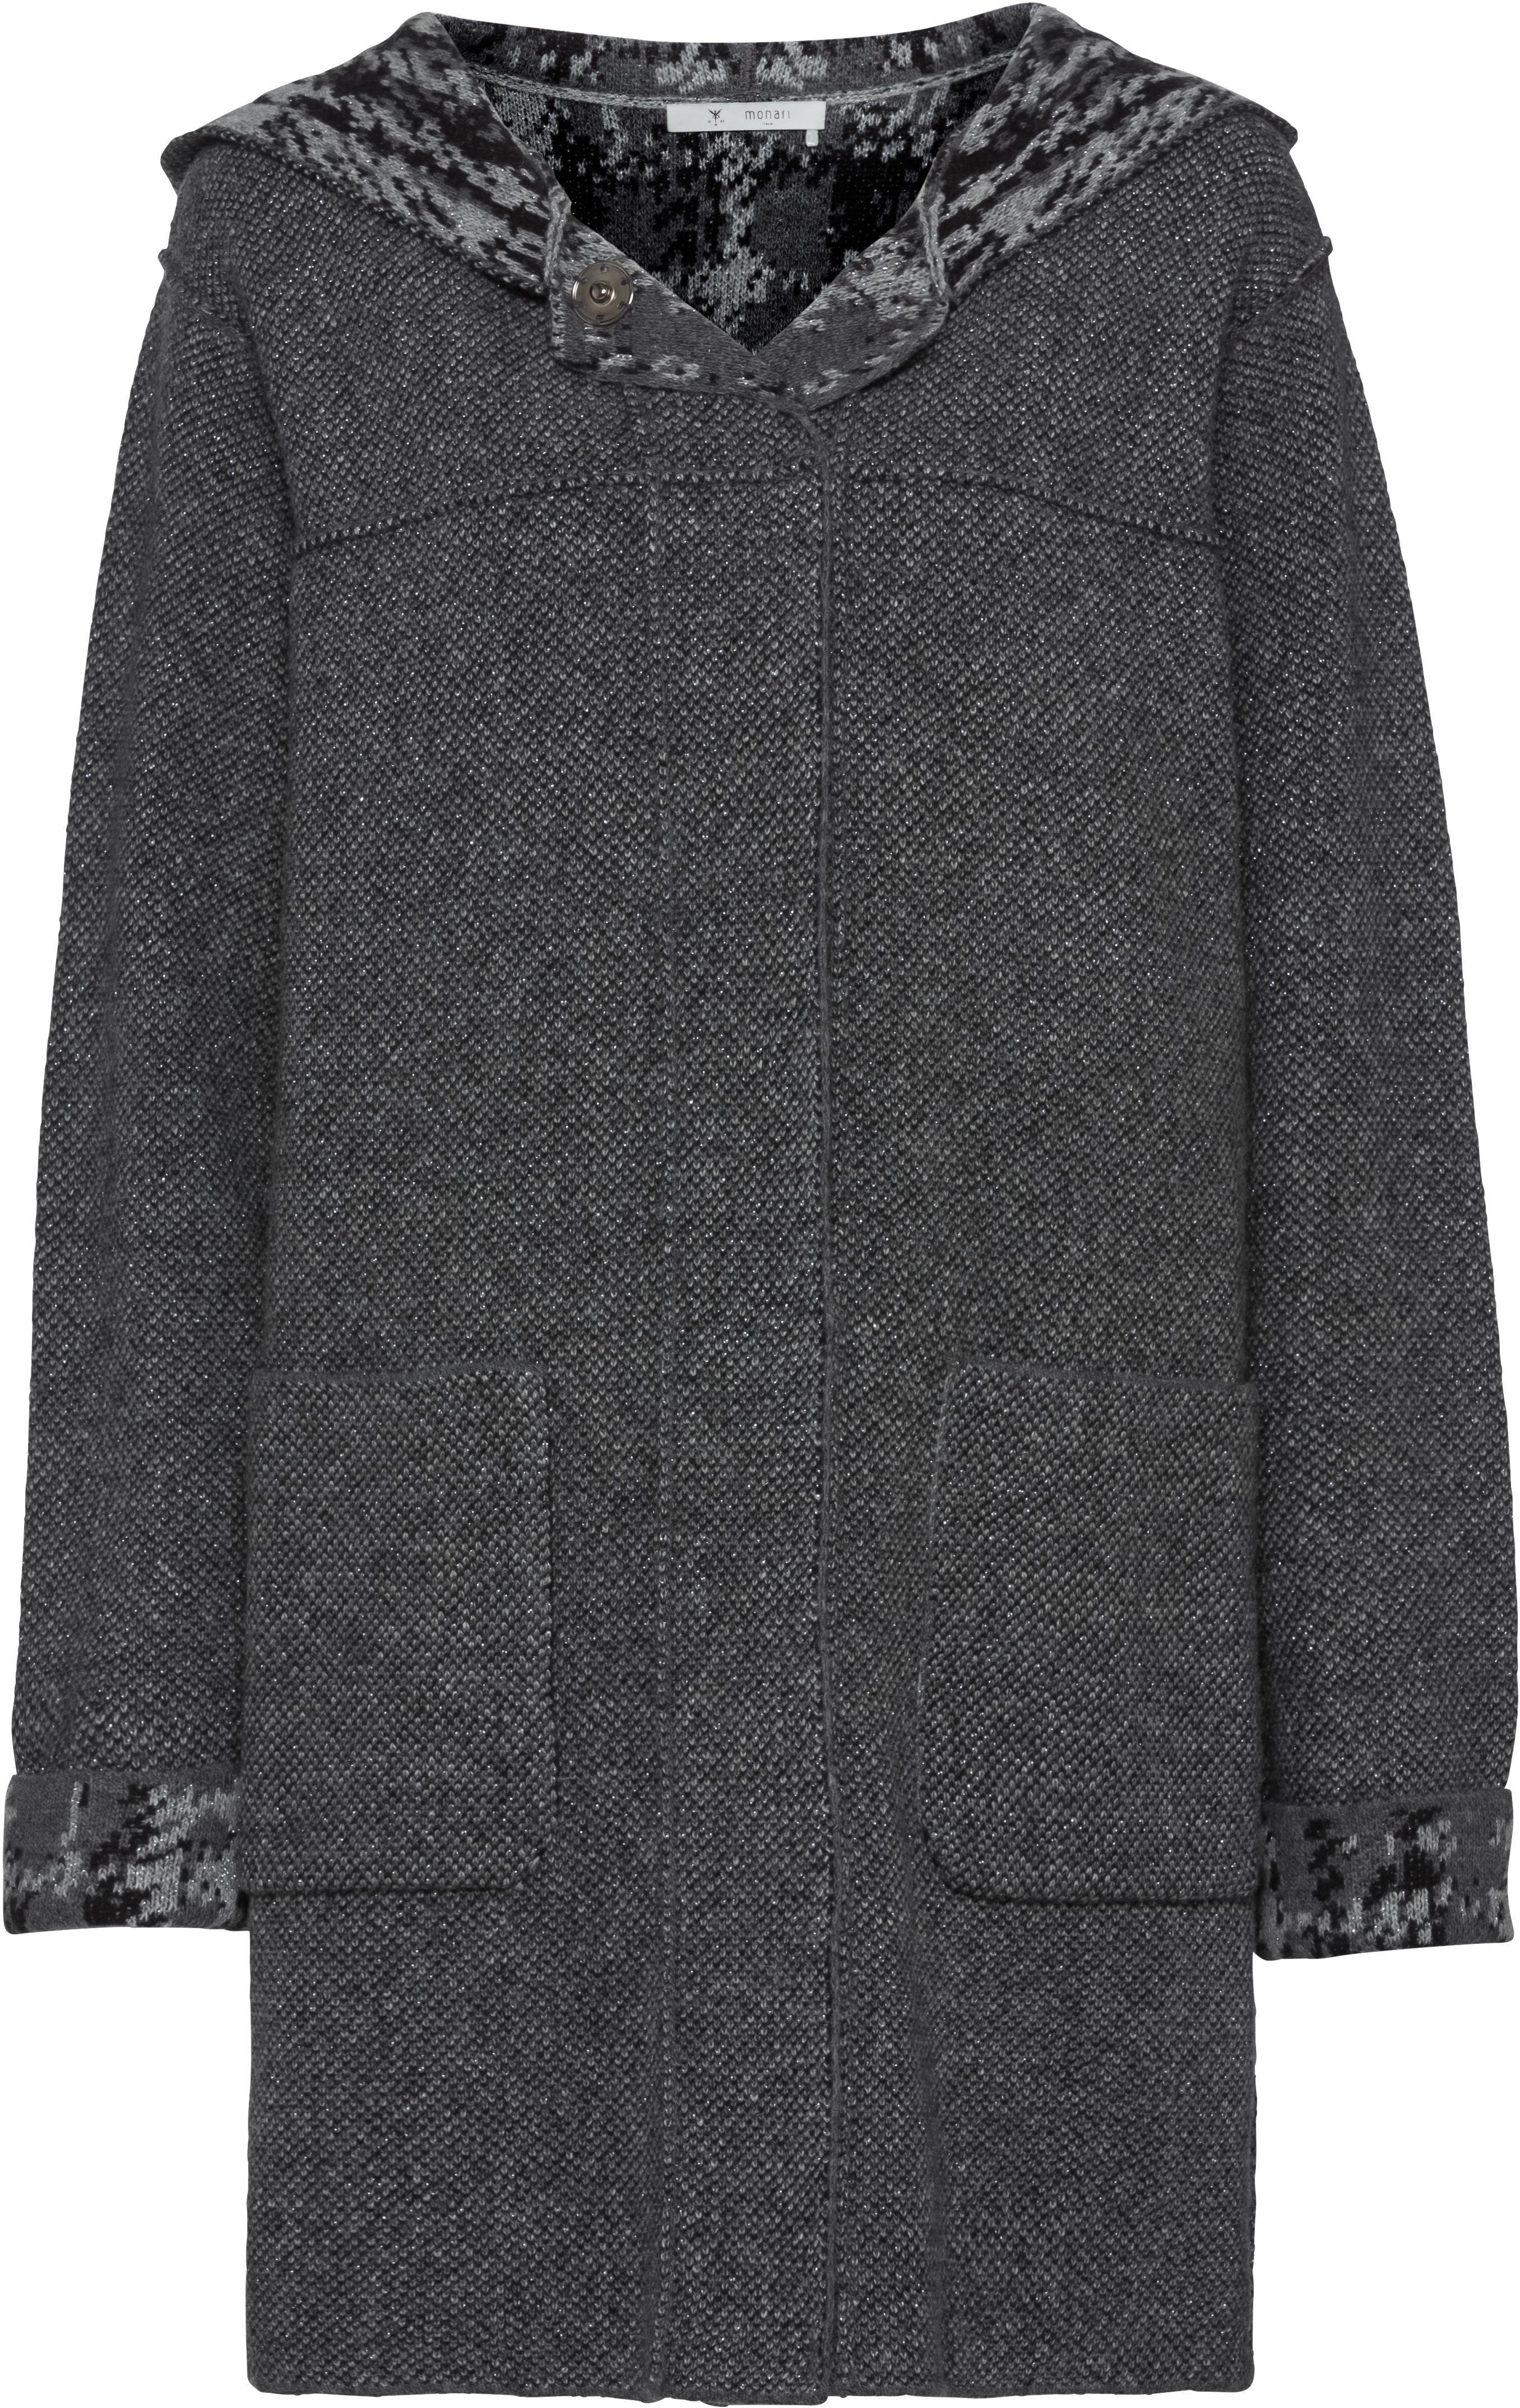 Doubleface Jacquard-Mantel mit Kapuze und Karo-Mustern